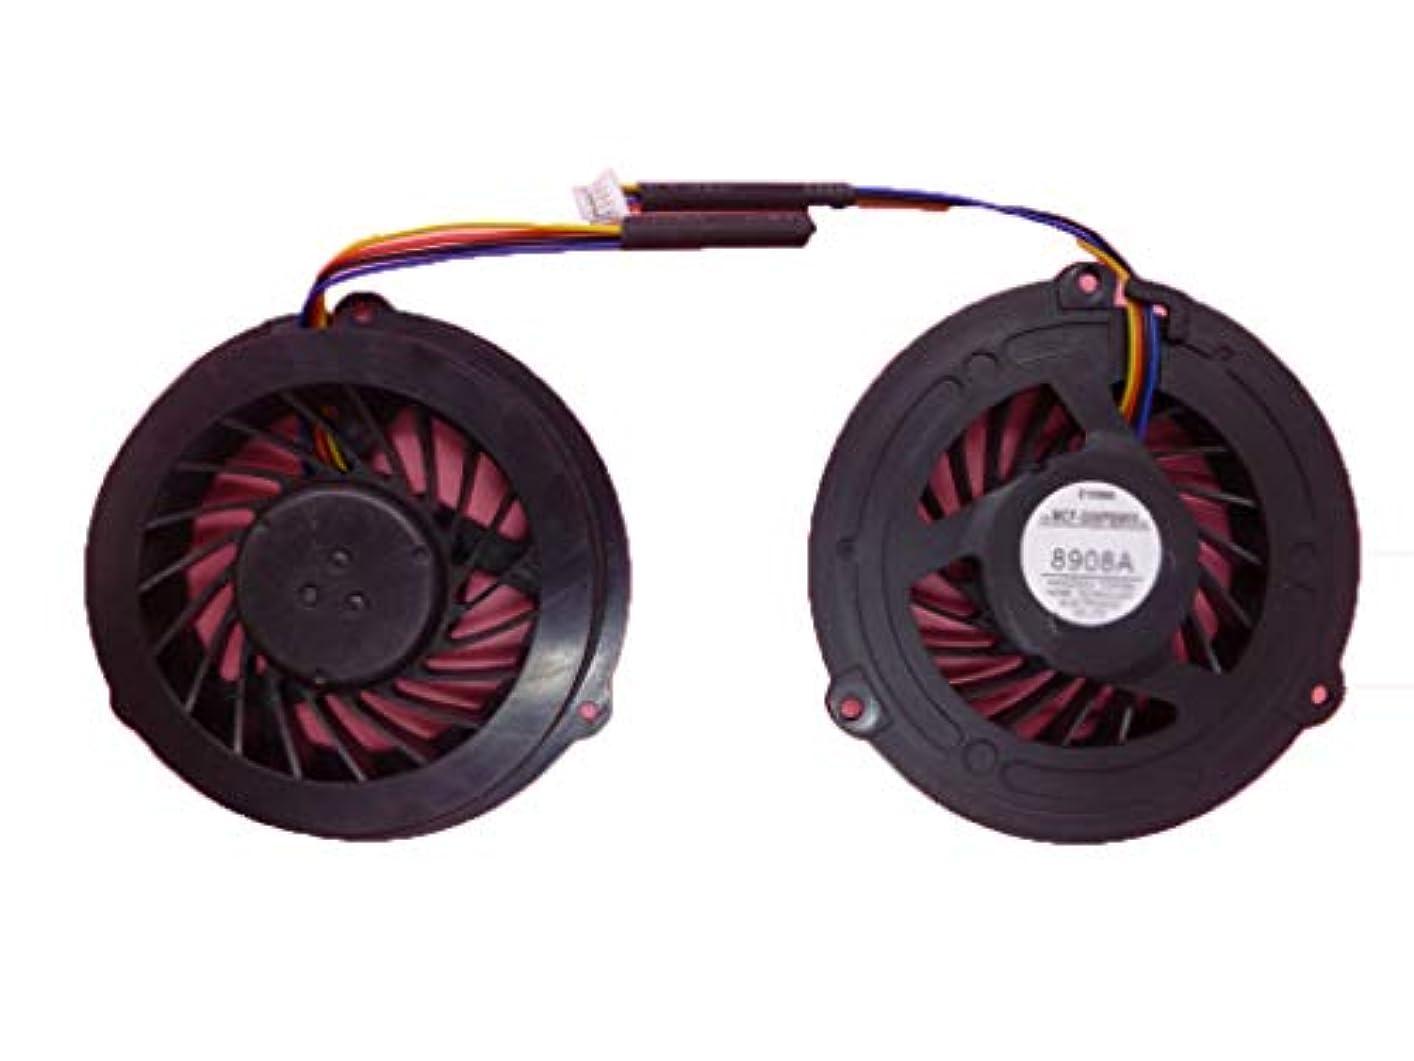 ほこり期限切れ音声学新品ノートパソコンCPU冷却ファン互換 Lenovo Thinkpad SL300 SL400 SL500 MCF-G06PBM05 GC055515VH-A OEM